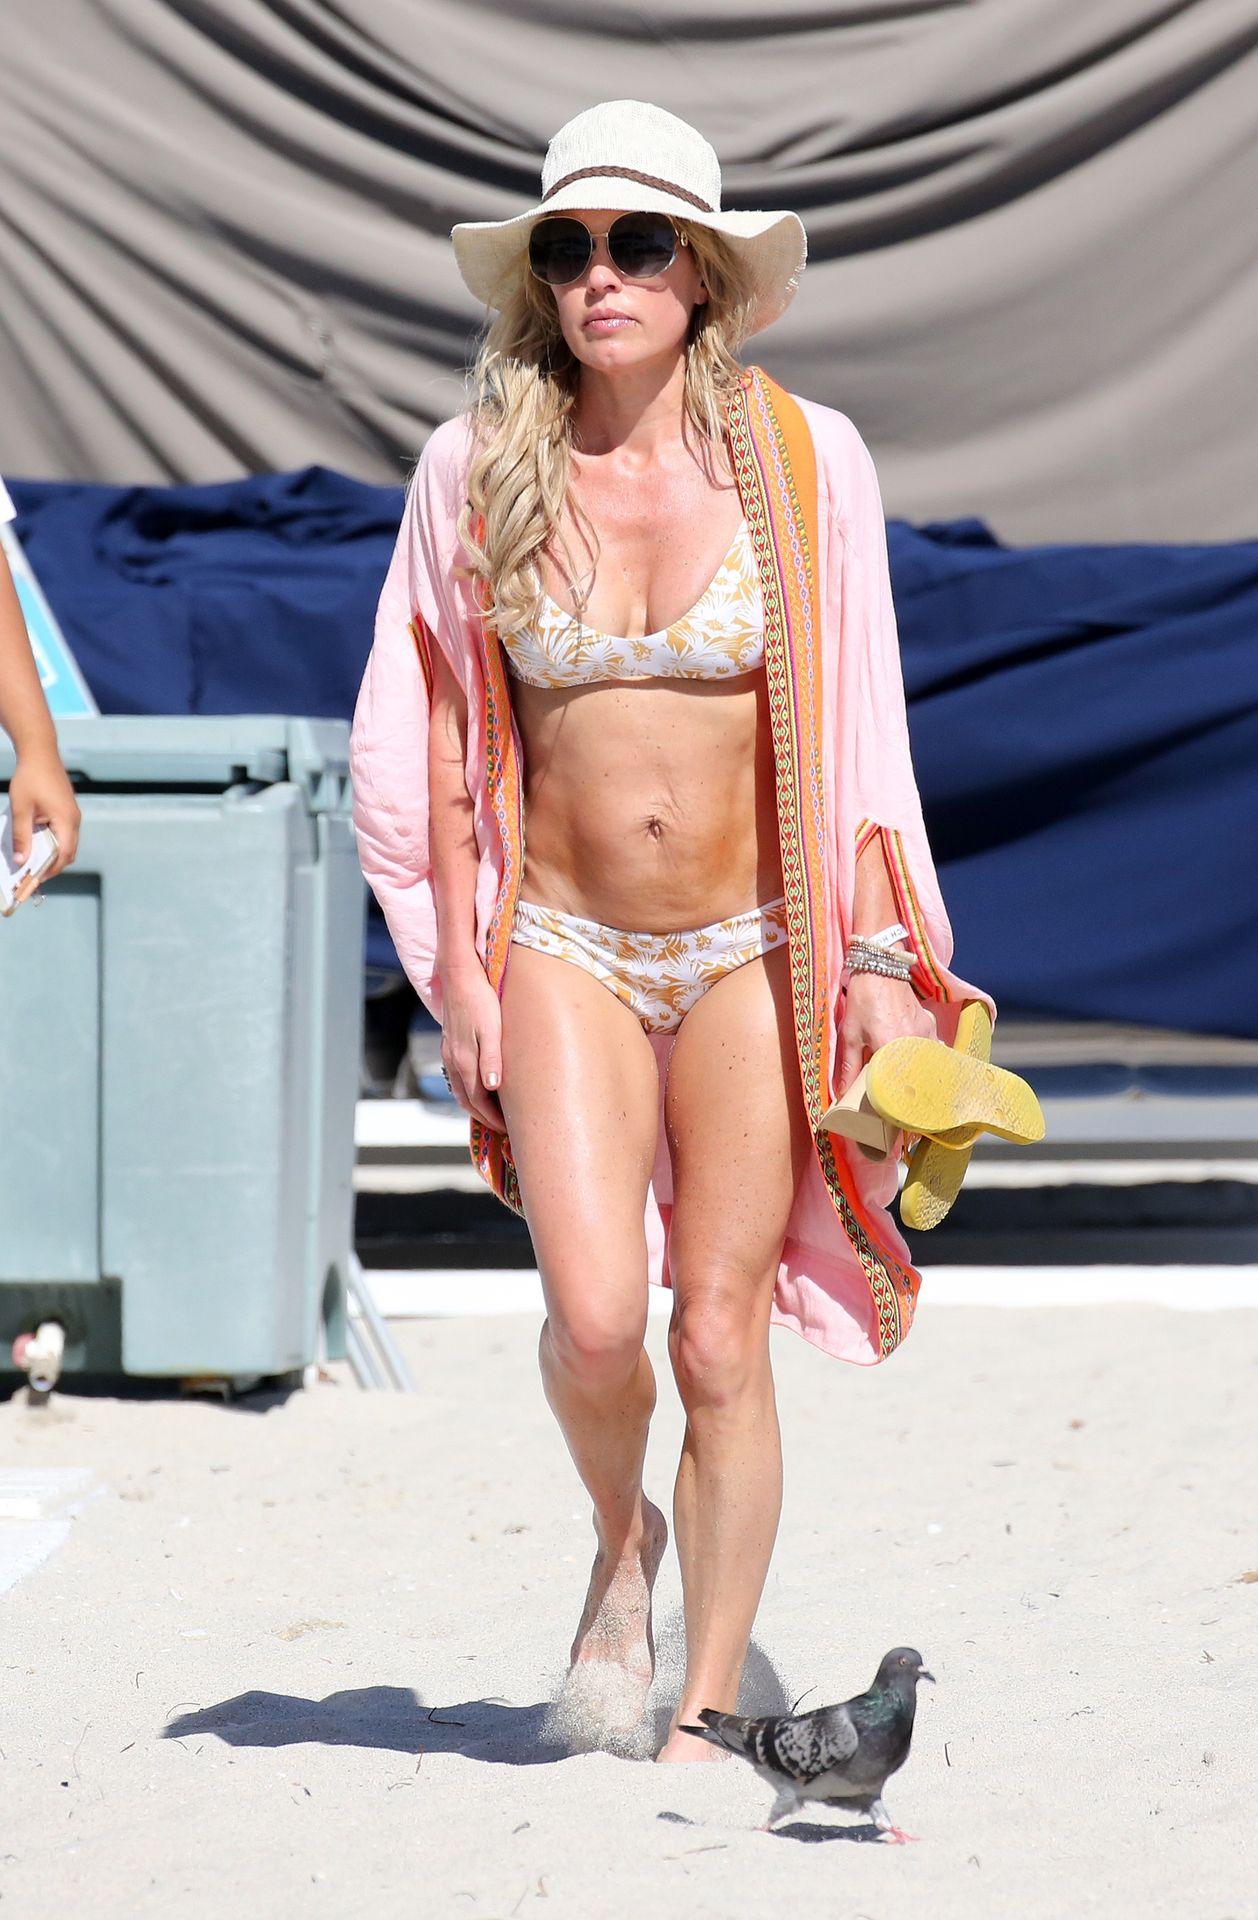 Braunwyn Windham Burke Wears A Bikini On The Beach In Miami 0002